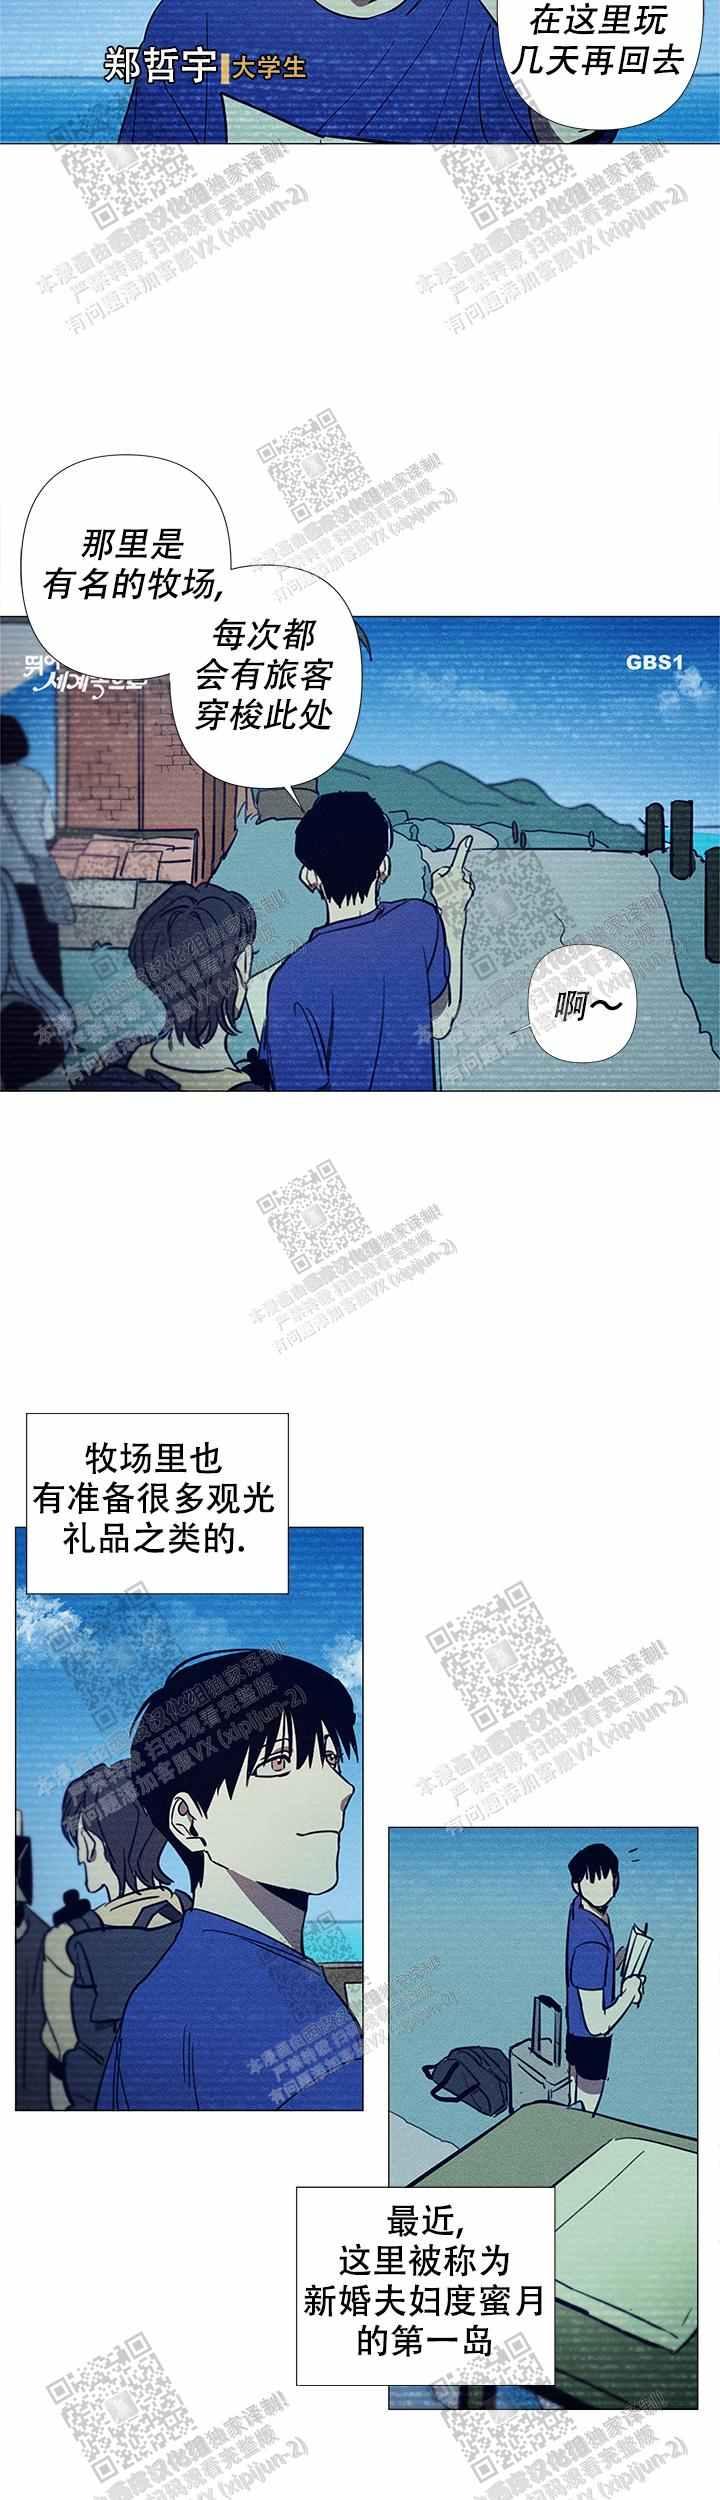 韩漫 | 《明日岛69号》憨憨a攻X小可怜o受  第3张